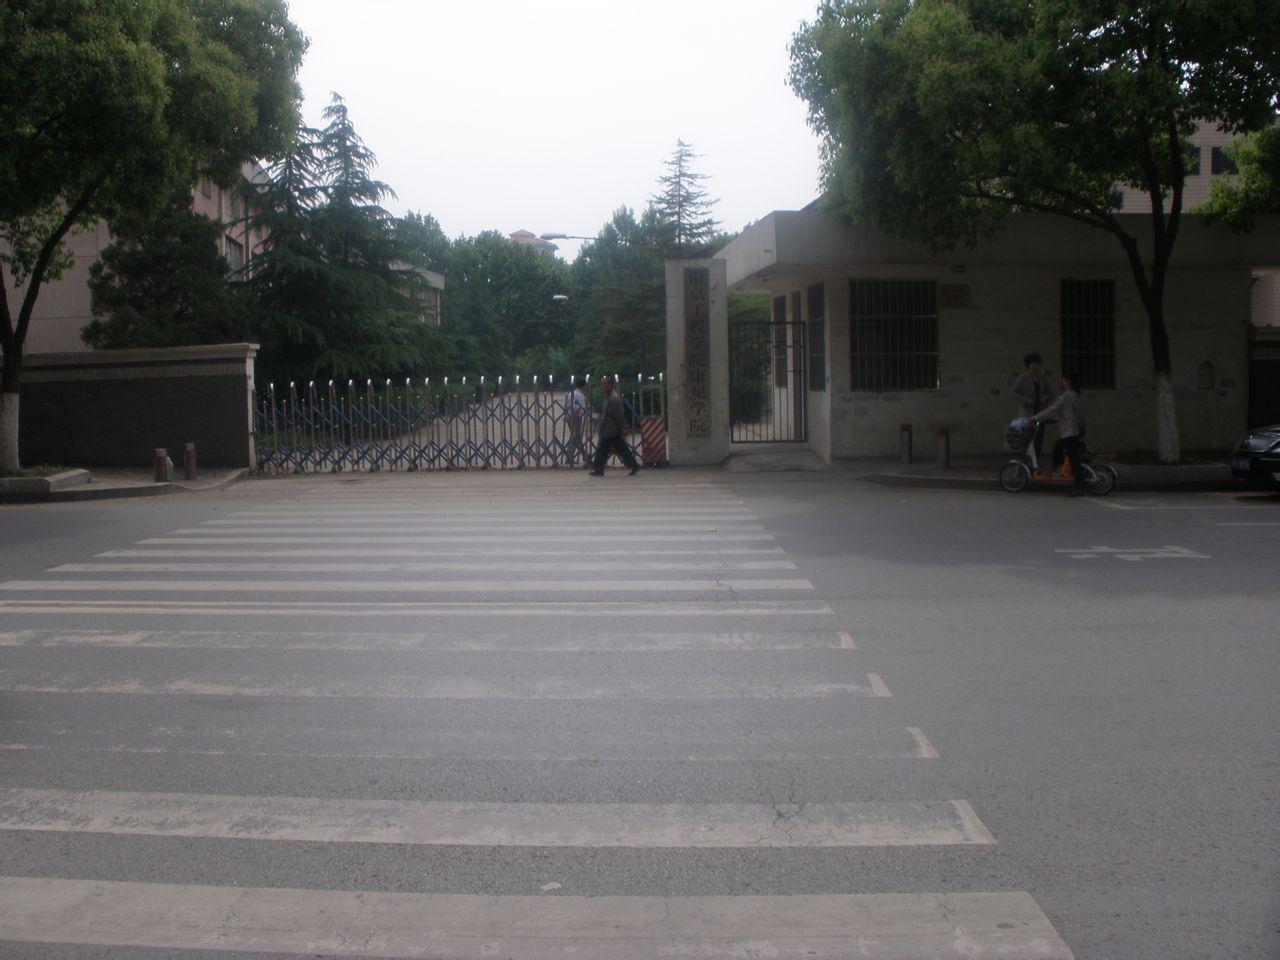 康尼学院校园风光 南京工程学院康尼学院 高清图片